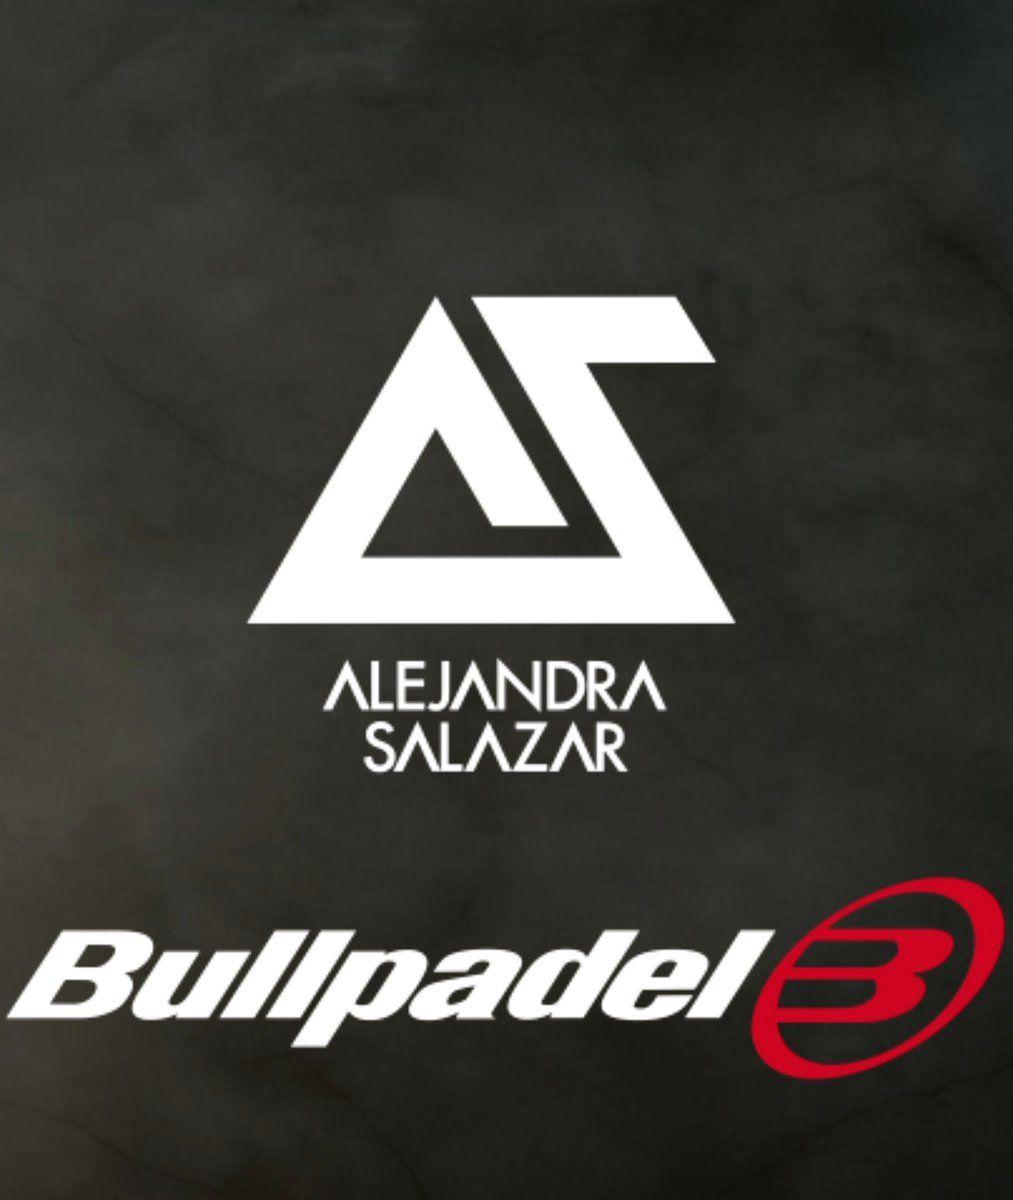 El nuevo logotipo de ALejandra Salazar con Bullpadel.